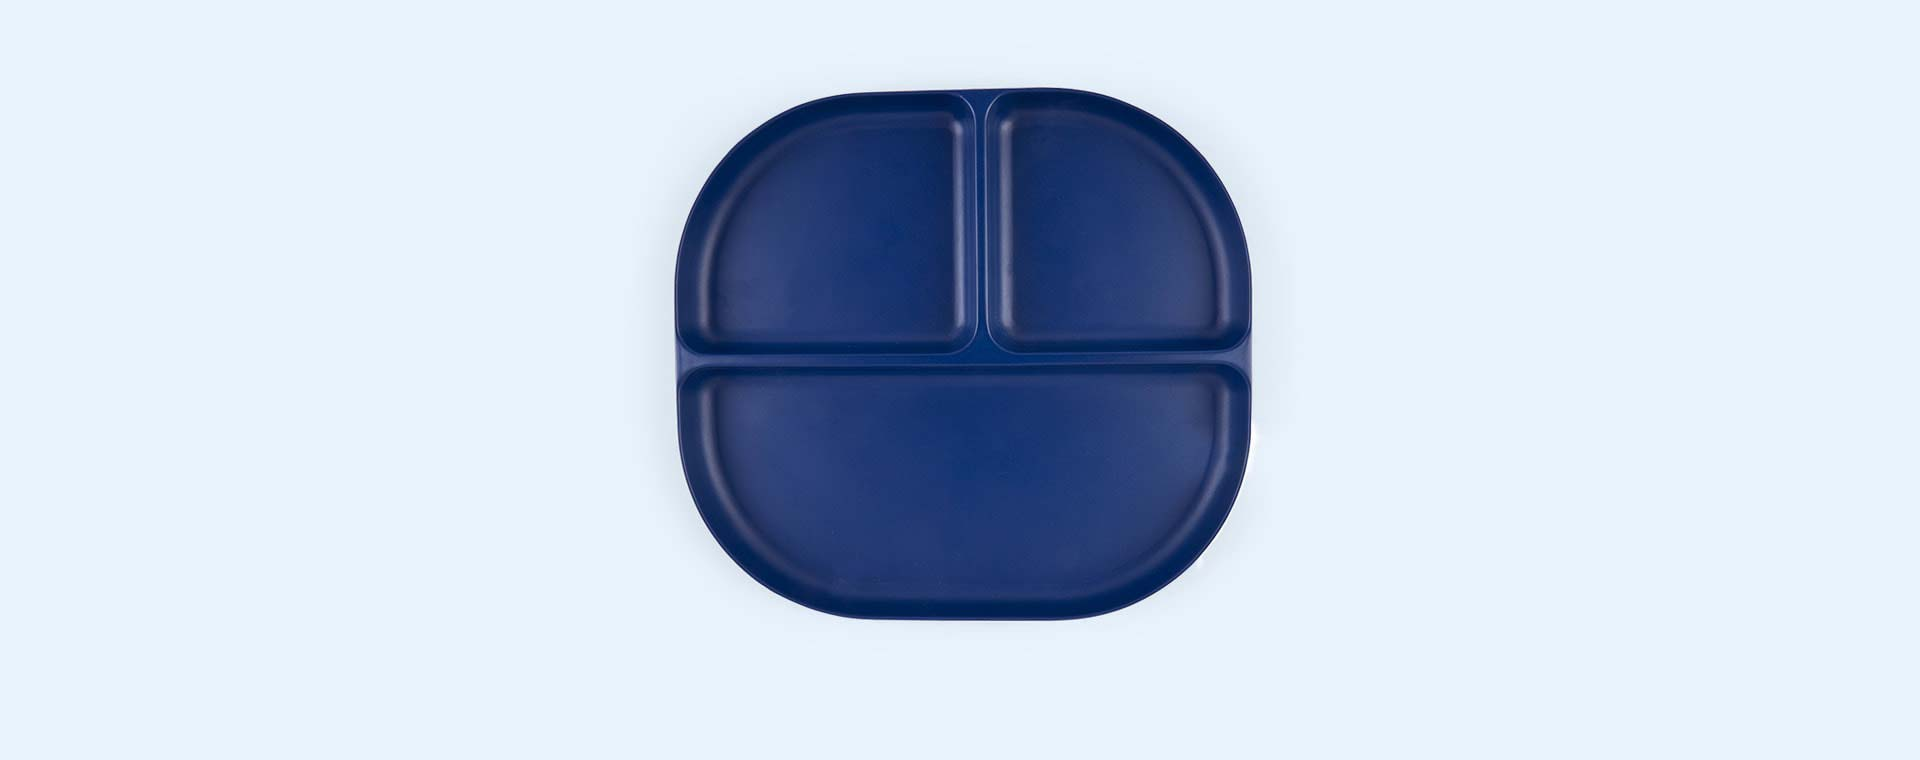 Royal Blue EKOBO Divided Plate